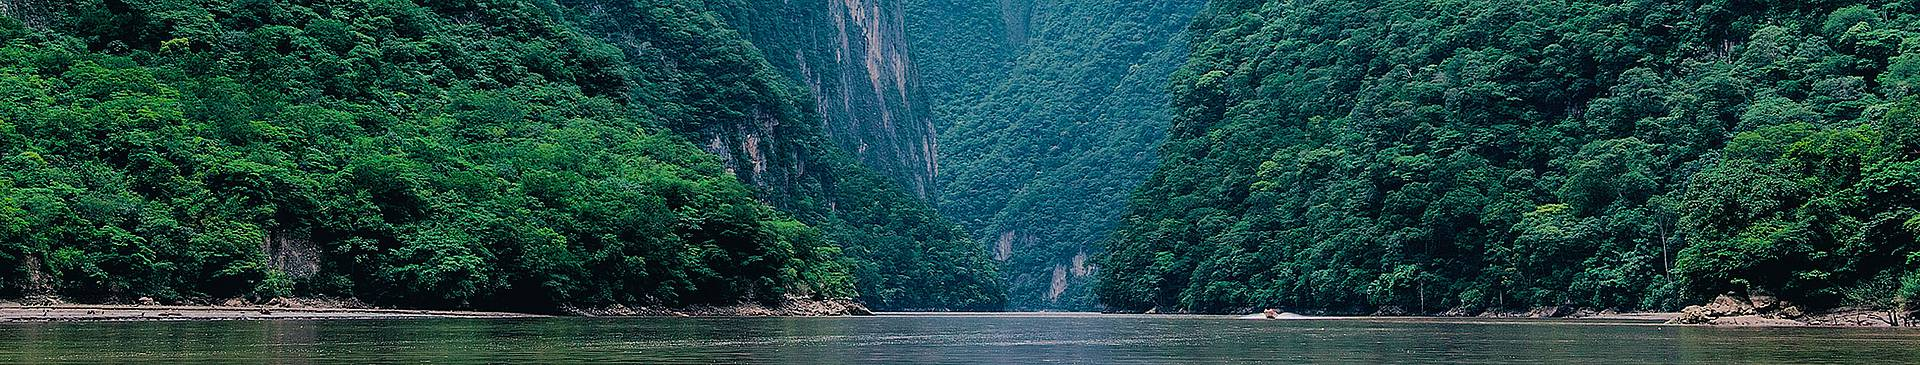 Voyage nature au Mexique